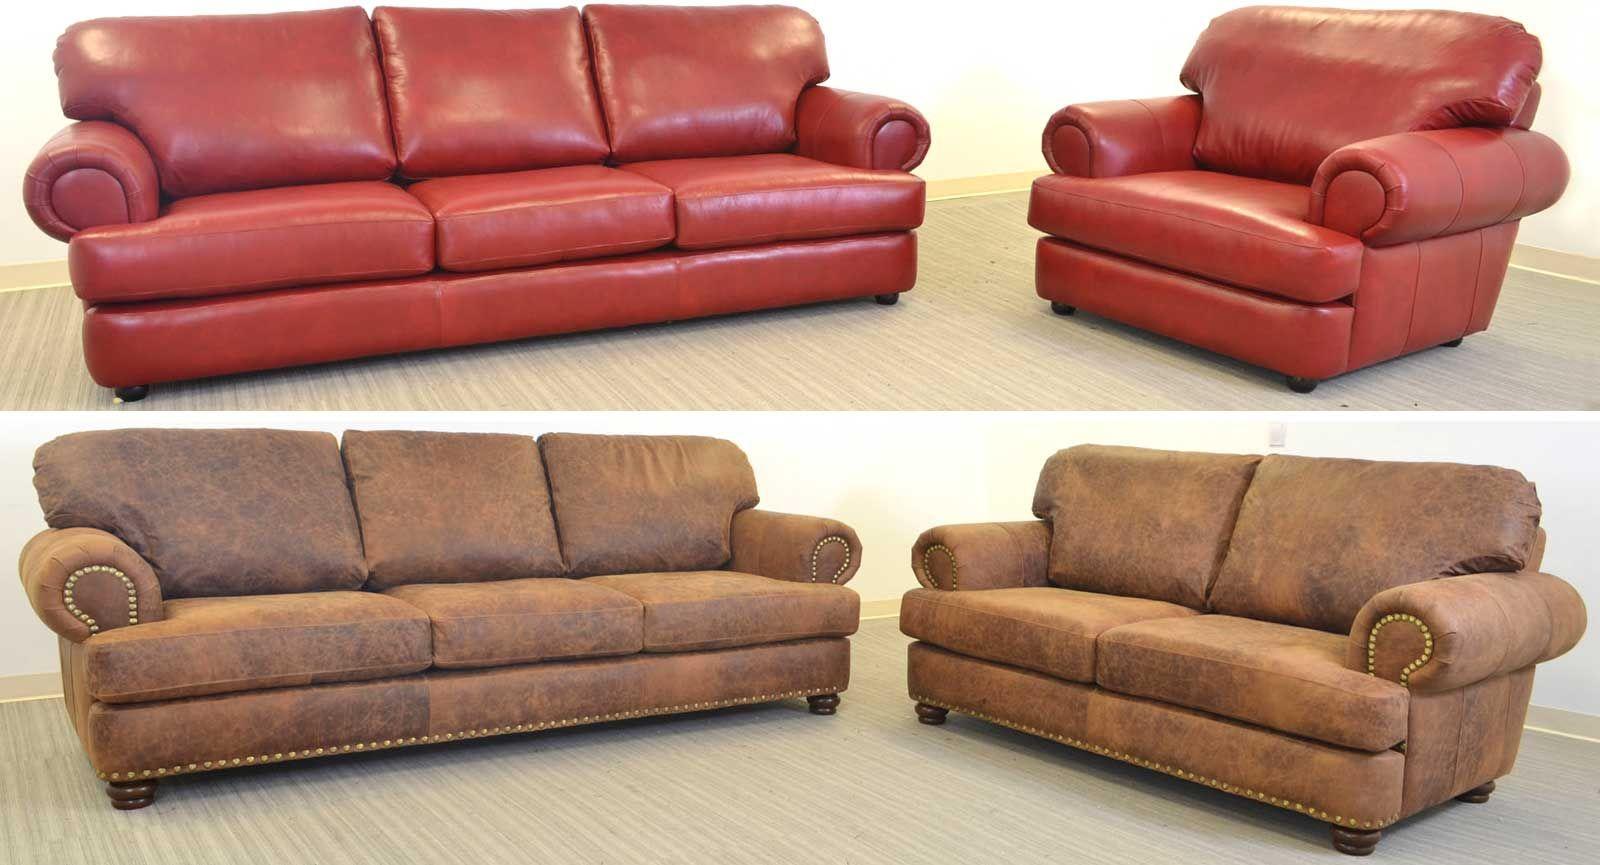 Titan Sofa The Leather Sofa Company Sofa Company Sofa Leather Sofa